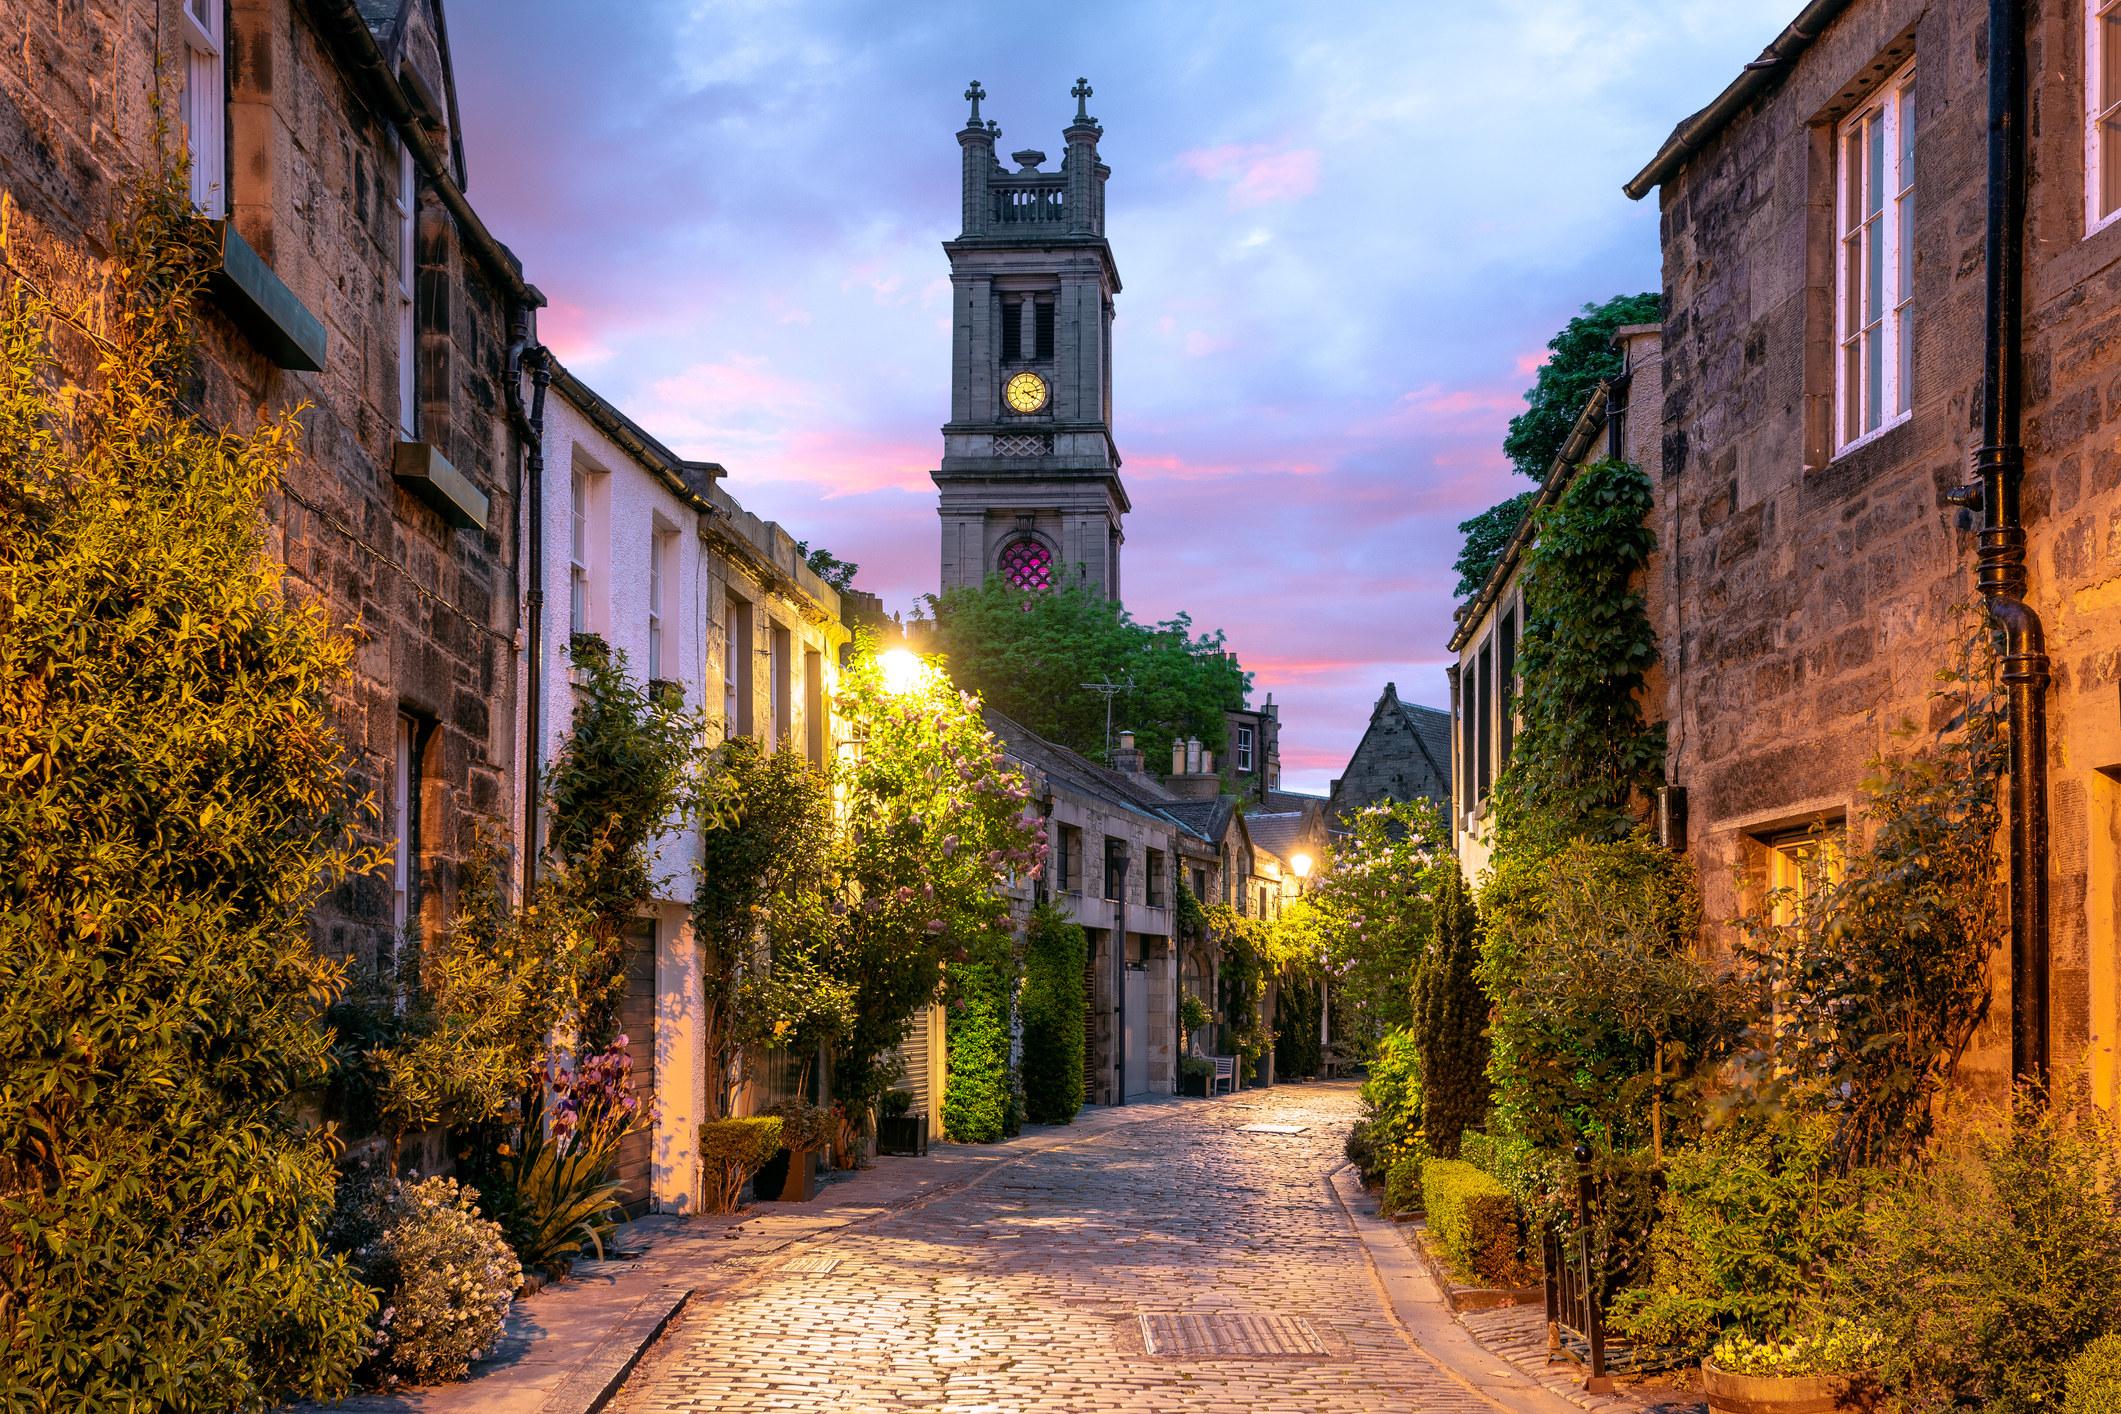 A quaint street in Edinburgh, Scotland.